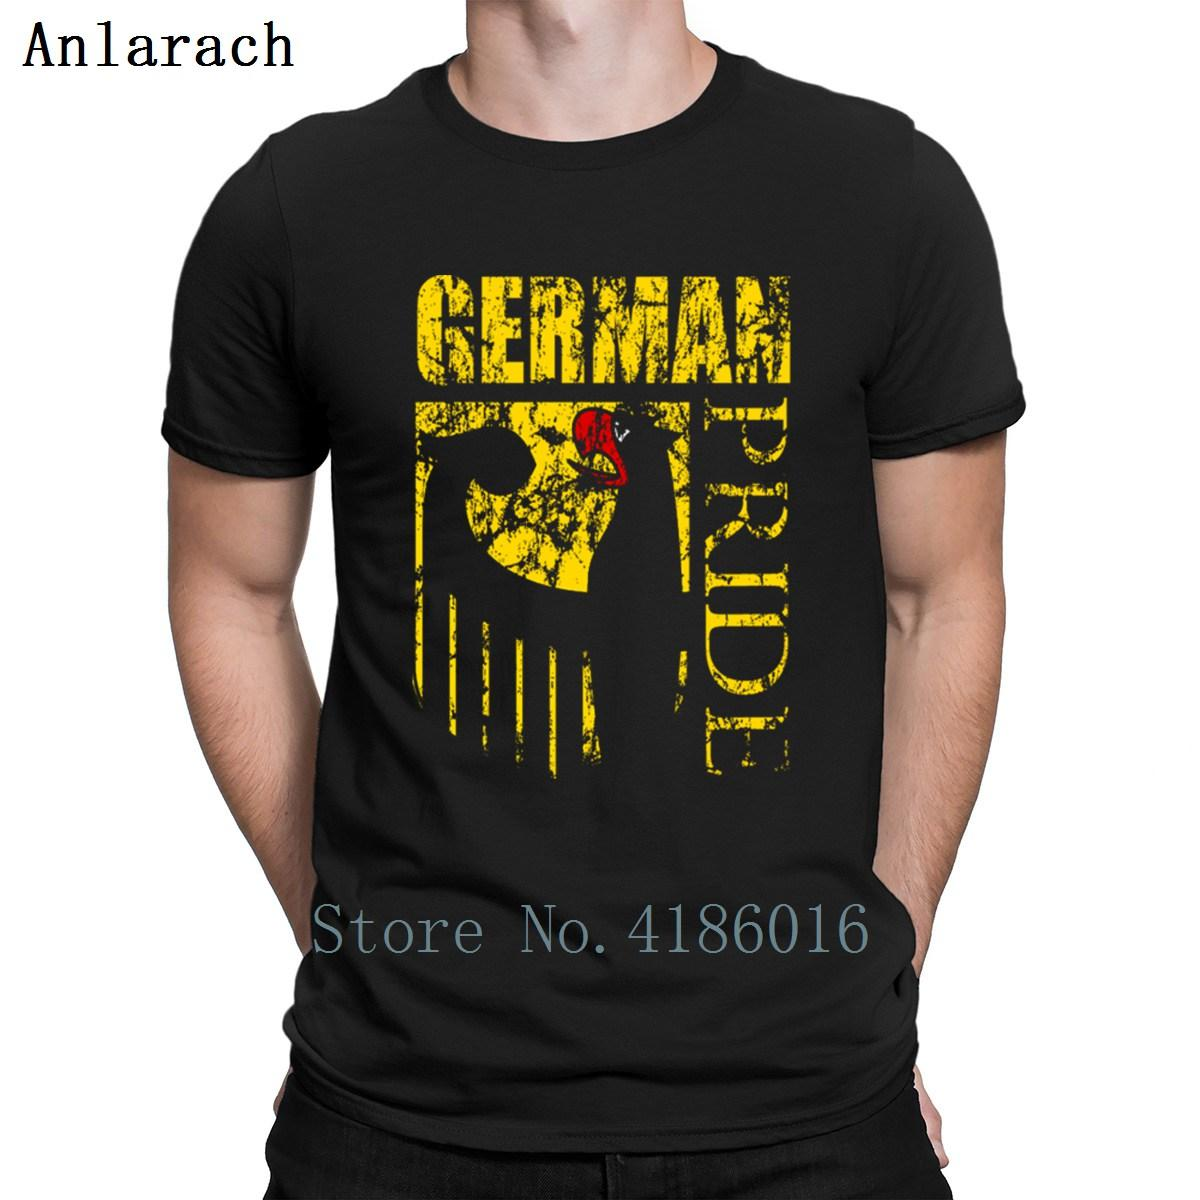 a7f76150c8463a Großhandel Deutsche Stolz T Shirts Schlanke Baumwolle Designs Hiphop Top  Männer T Shirt 2018 Berühmte Gebäude T Shirt Runde Kragen Bilder Von  Dzuprighti